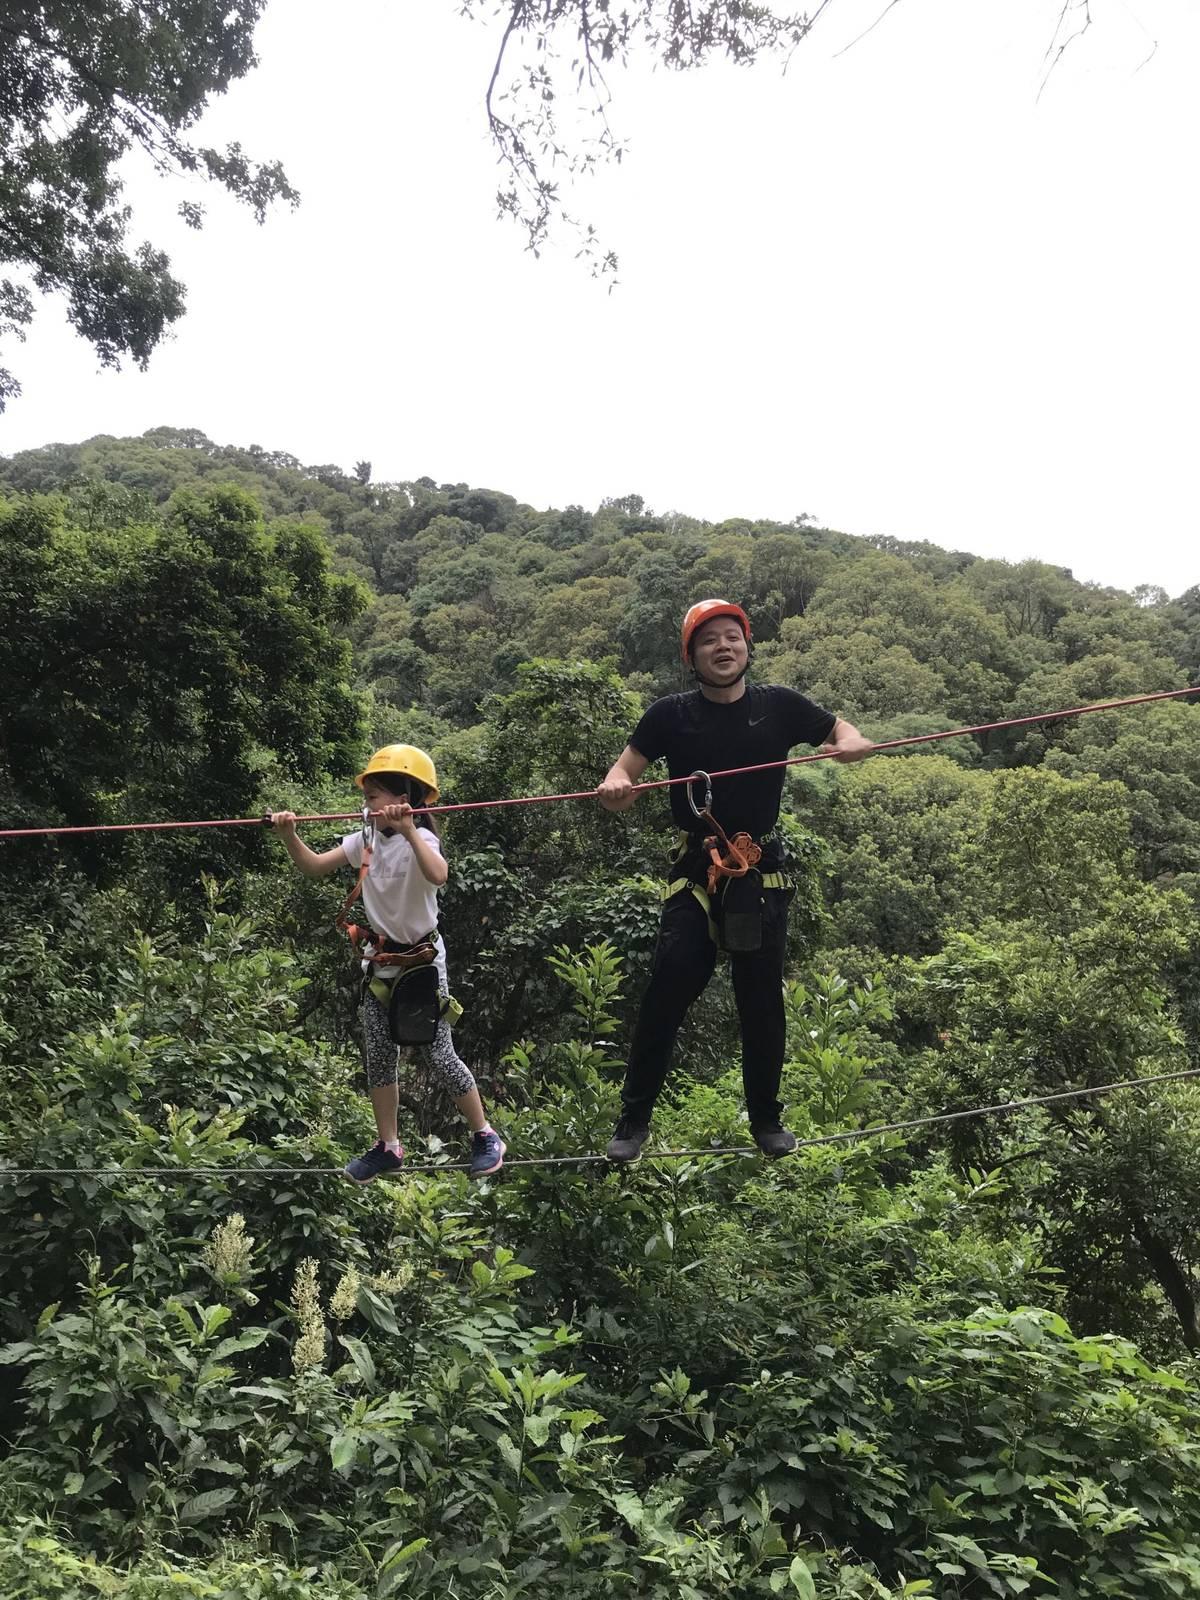 整体来说,飞跃丛林这个探险活动还是挺好玩的😄  这次带多多玩了蓝线,只是第二级,后面还有,红 橙 黑 黑金线,以后也去挑战下!